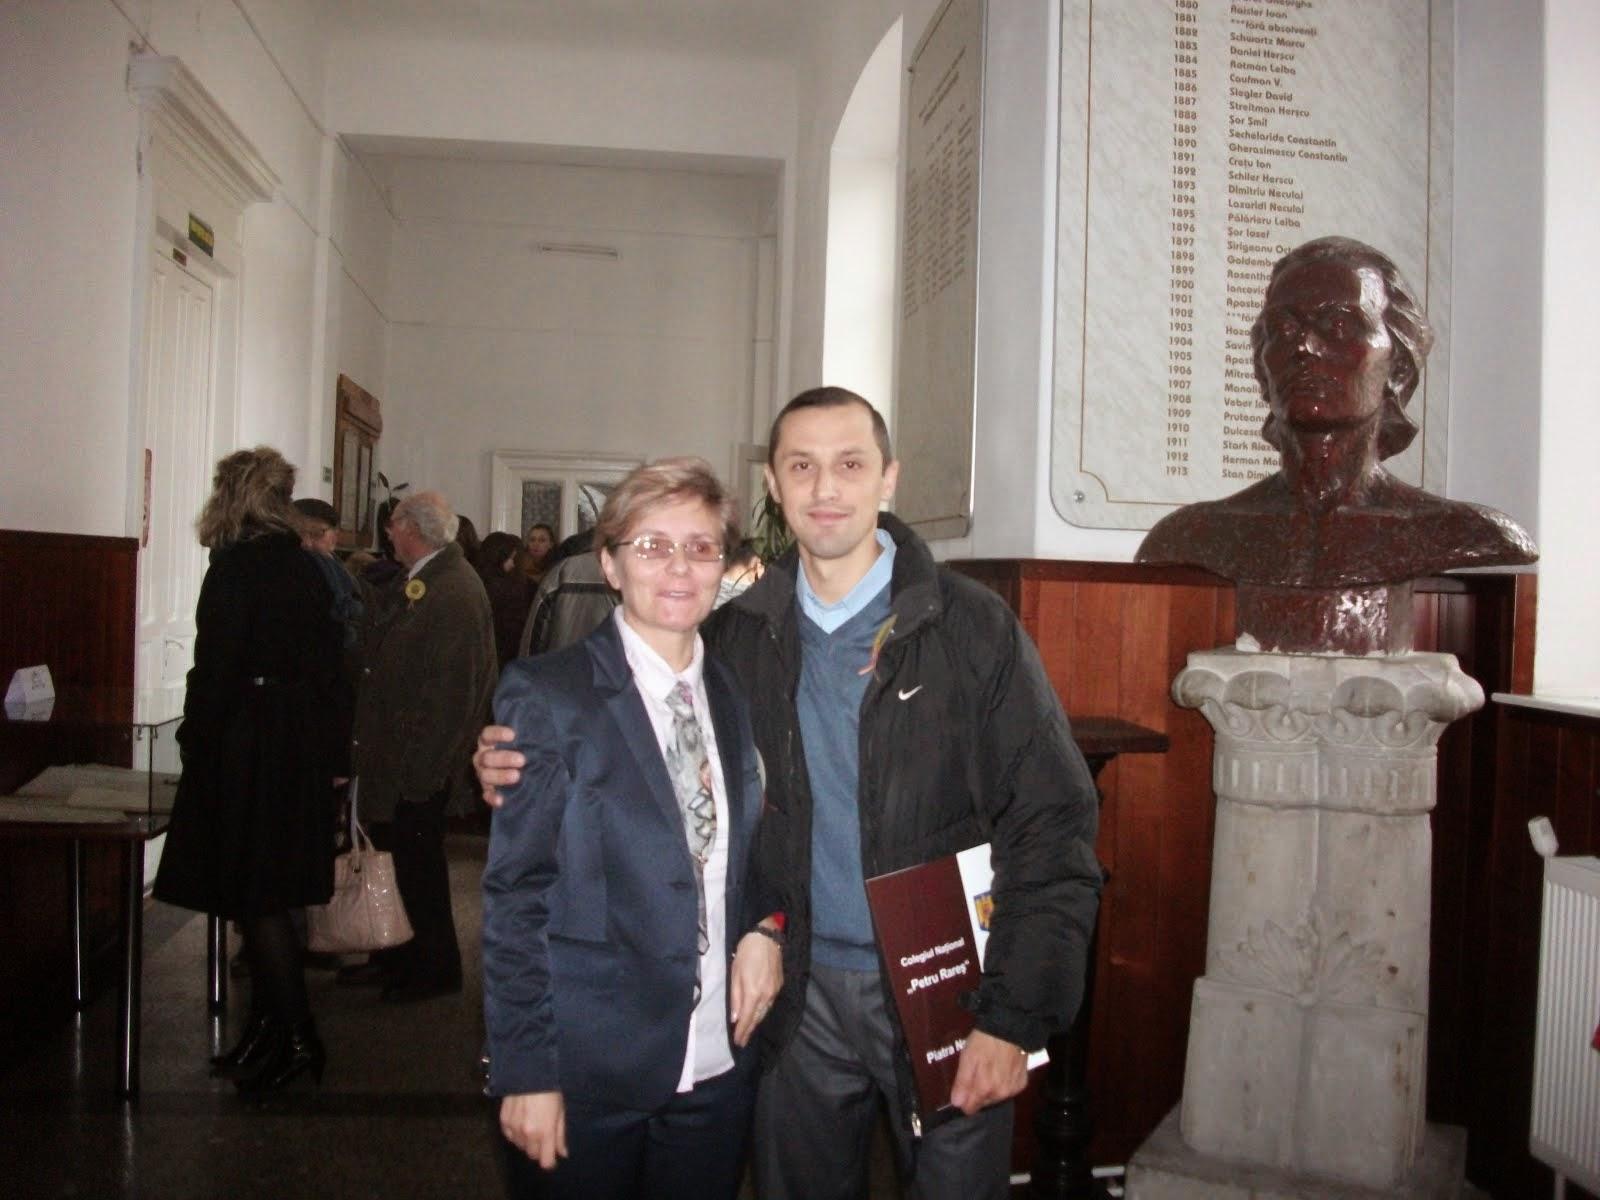 Zilele Rareşului, 26 noiembrie 2014. Cu Prof. Sonia Iacoban...